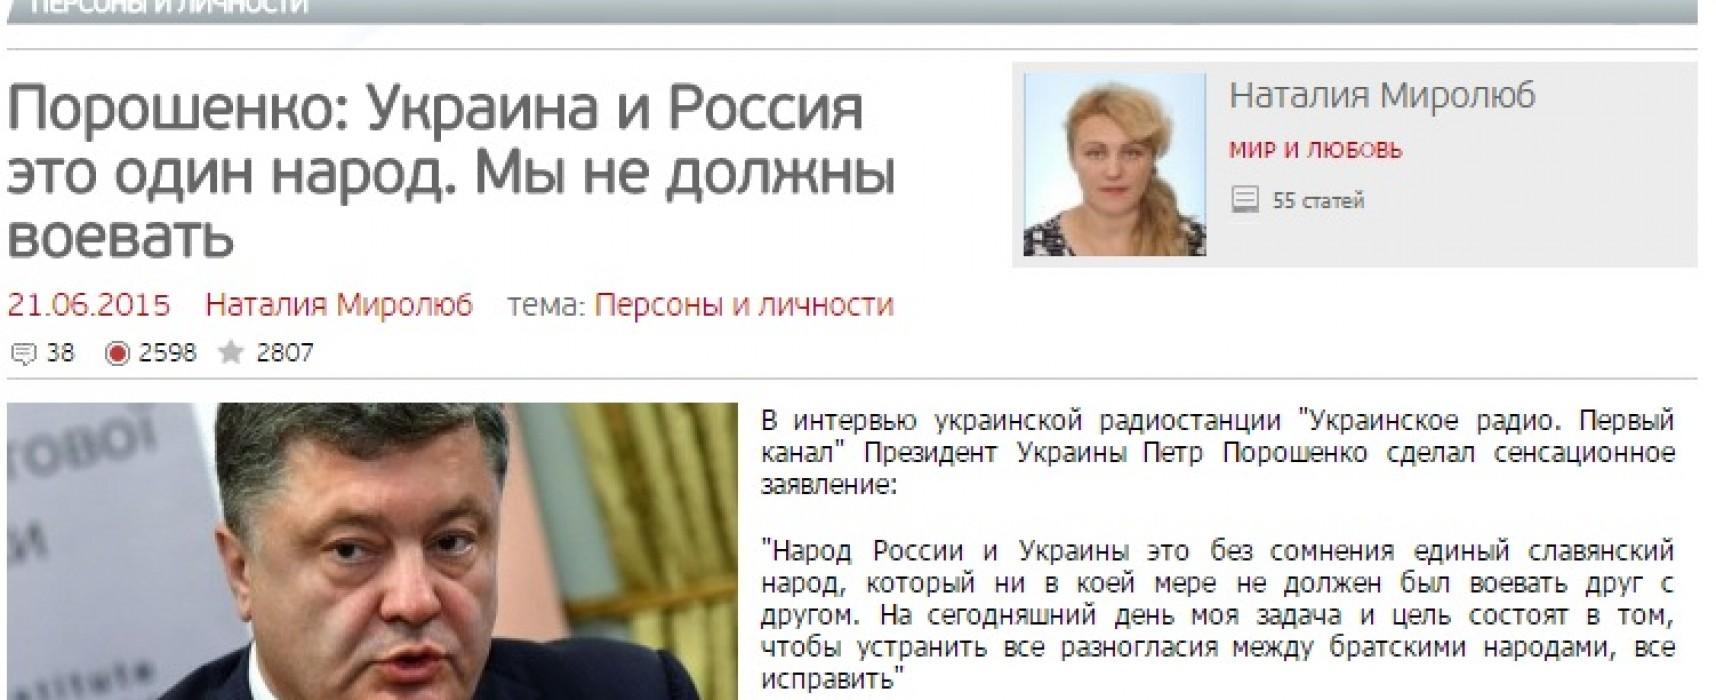 Порошенко не заявлял о единстве народов России и Украины